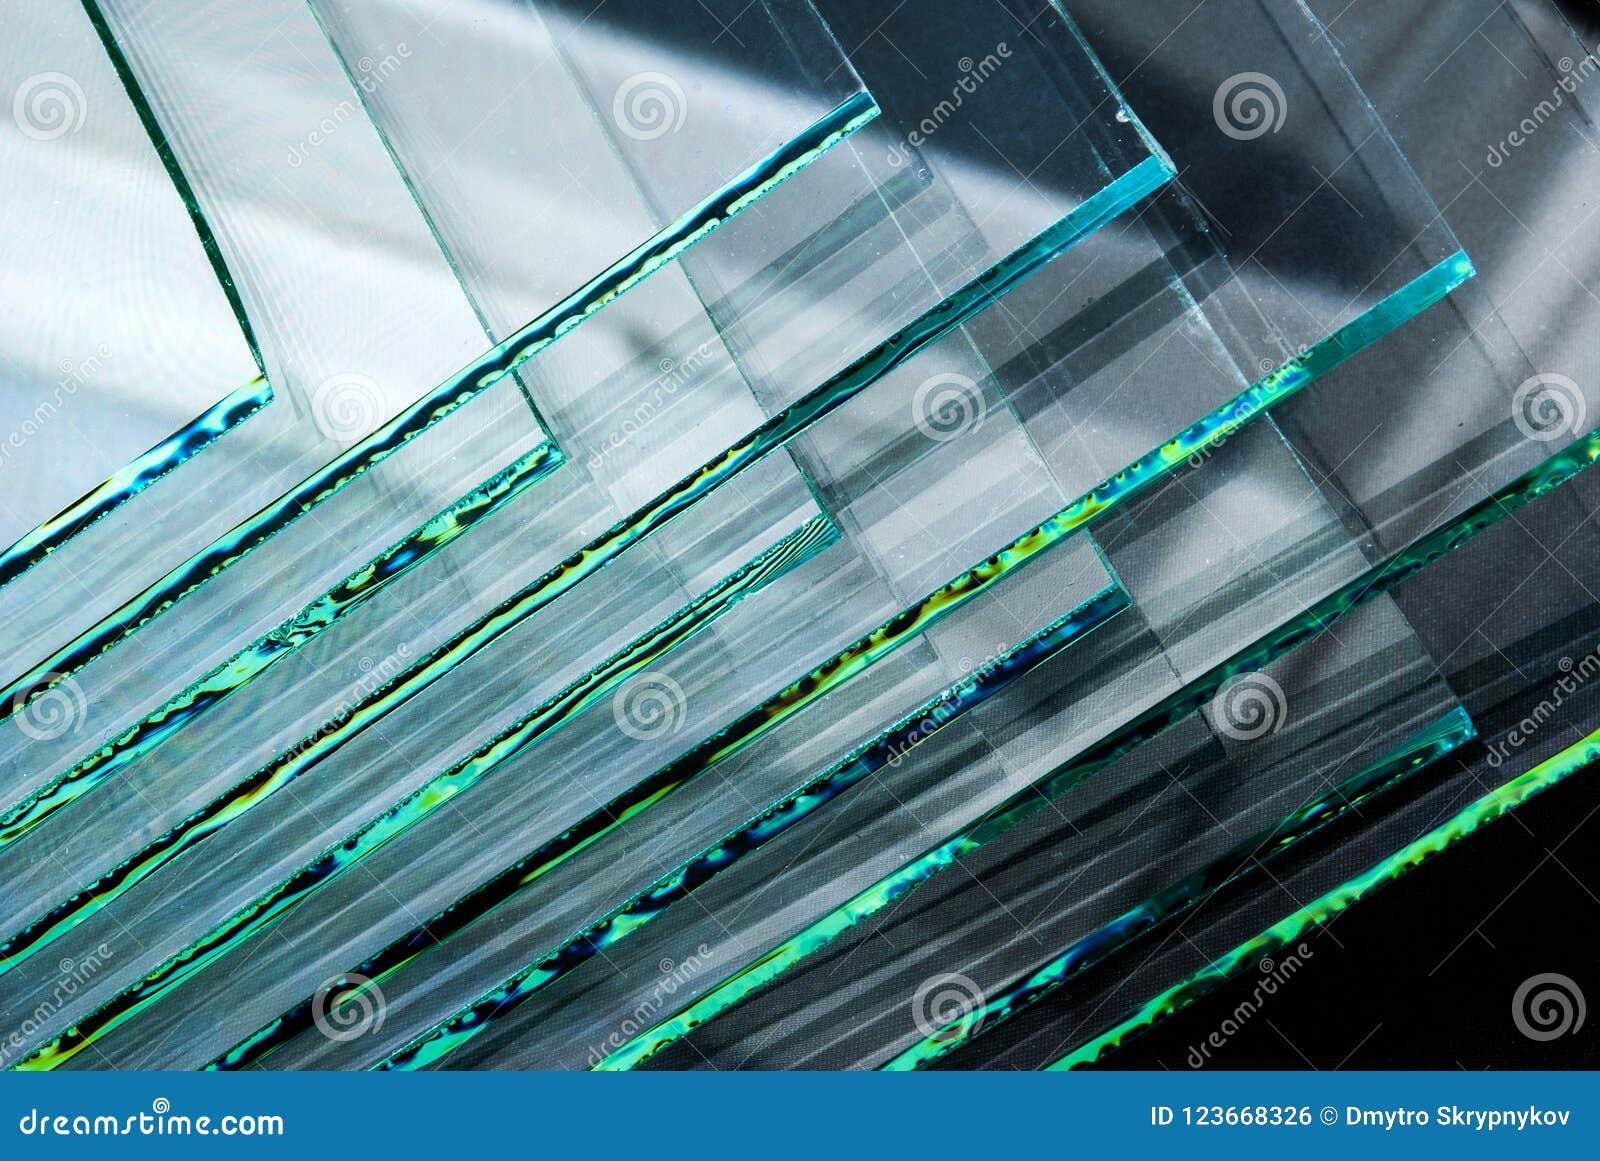 Les feuilles de panneaux clairs gâchés par fabrication en verre de flotteur d usine ont coupé pour classer